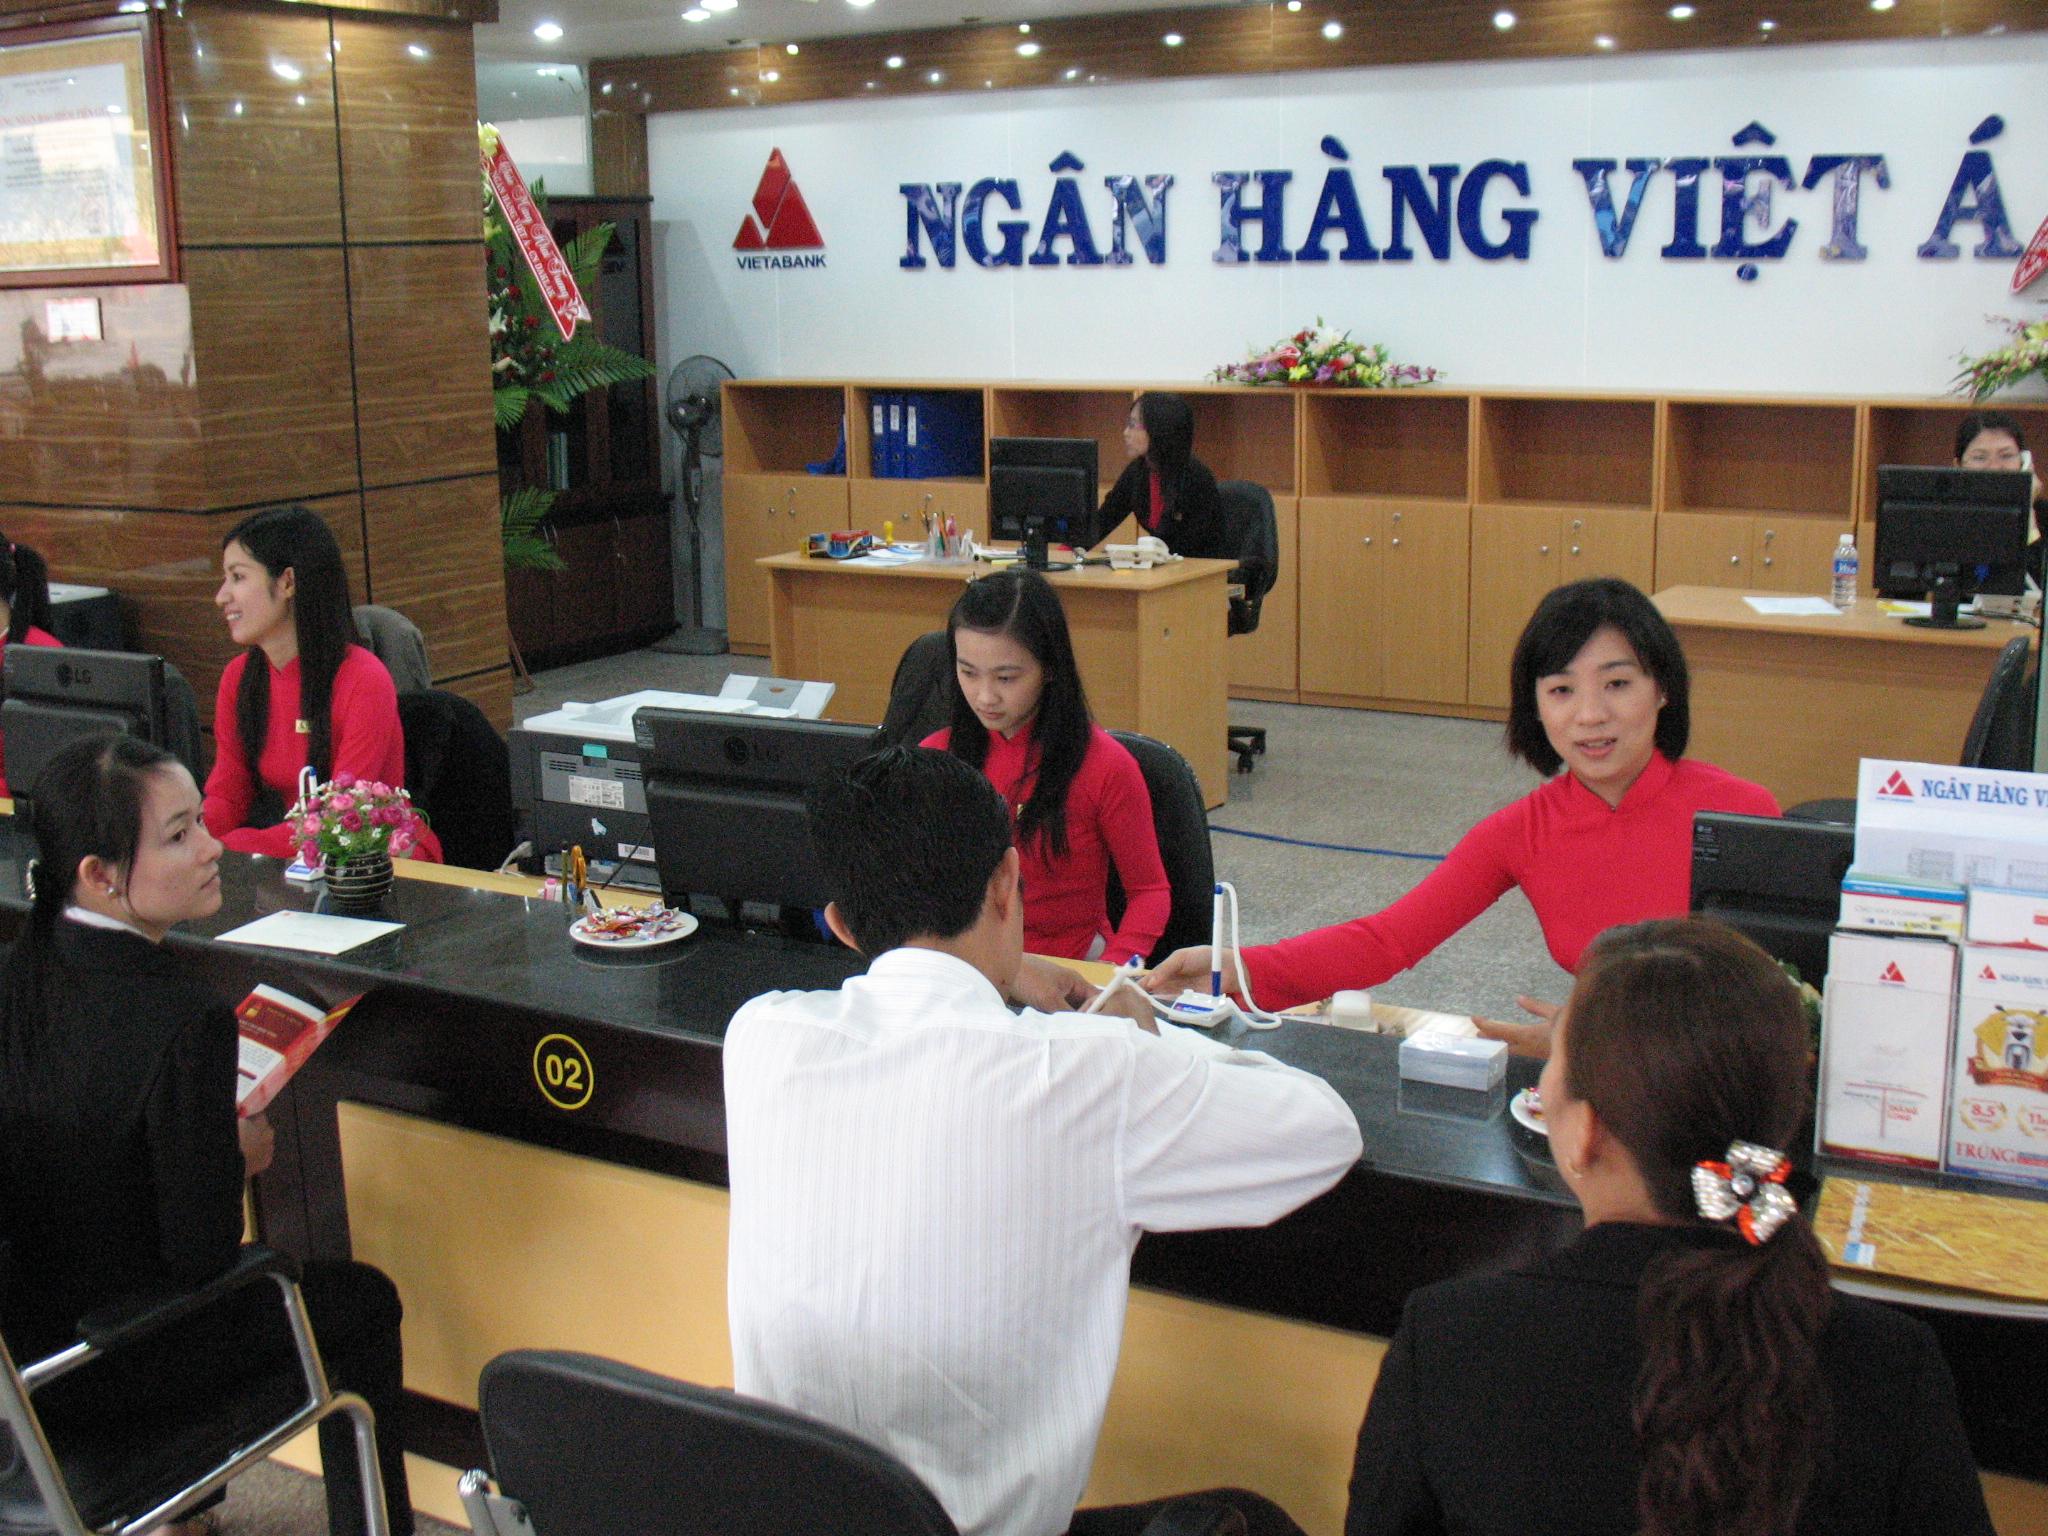 VietABank: Lãi ròng quý 3 vỏn vẹn 4.5 tỷ đồng, giảm 80% so cùng kỳ